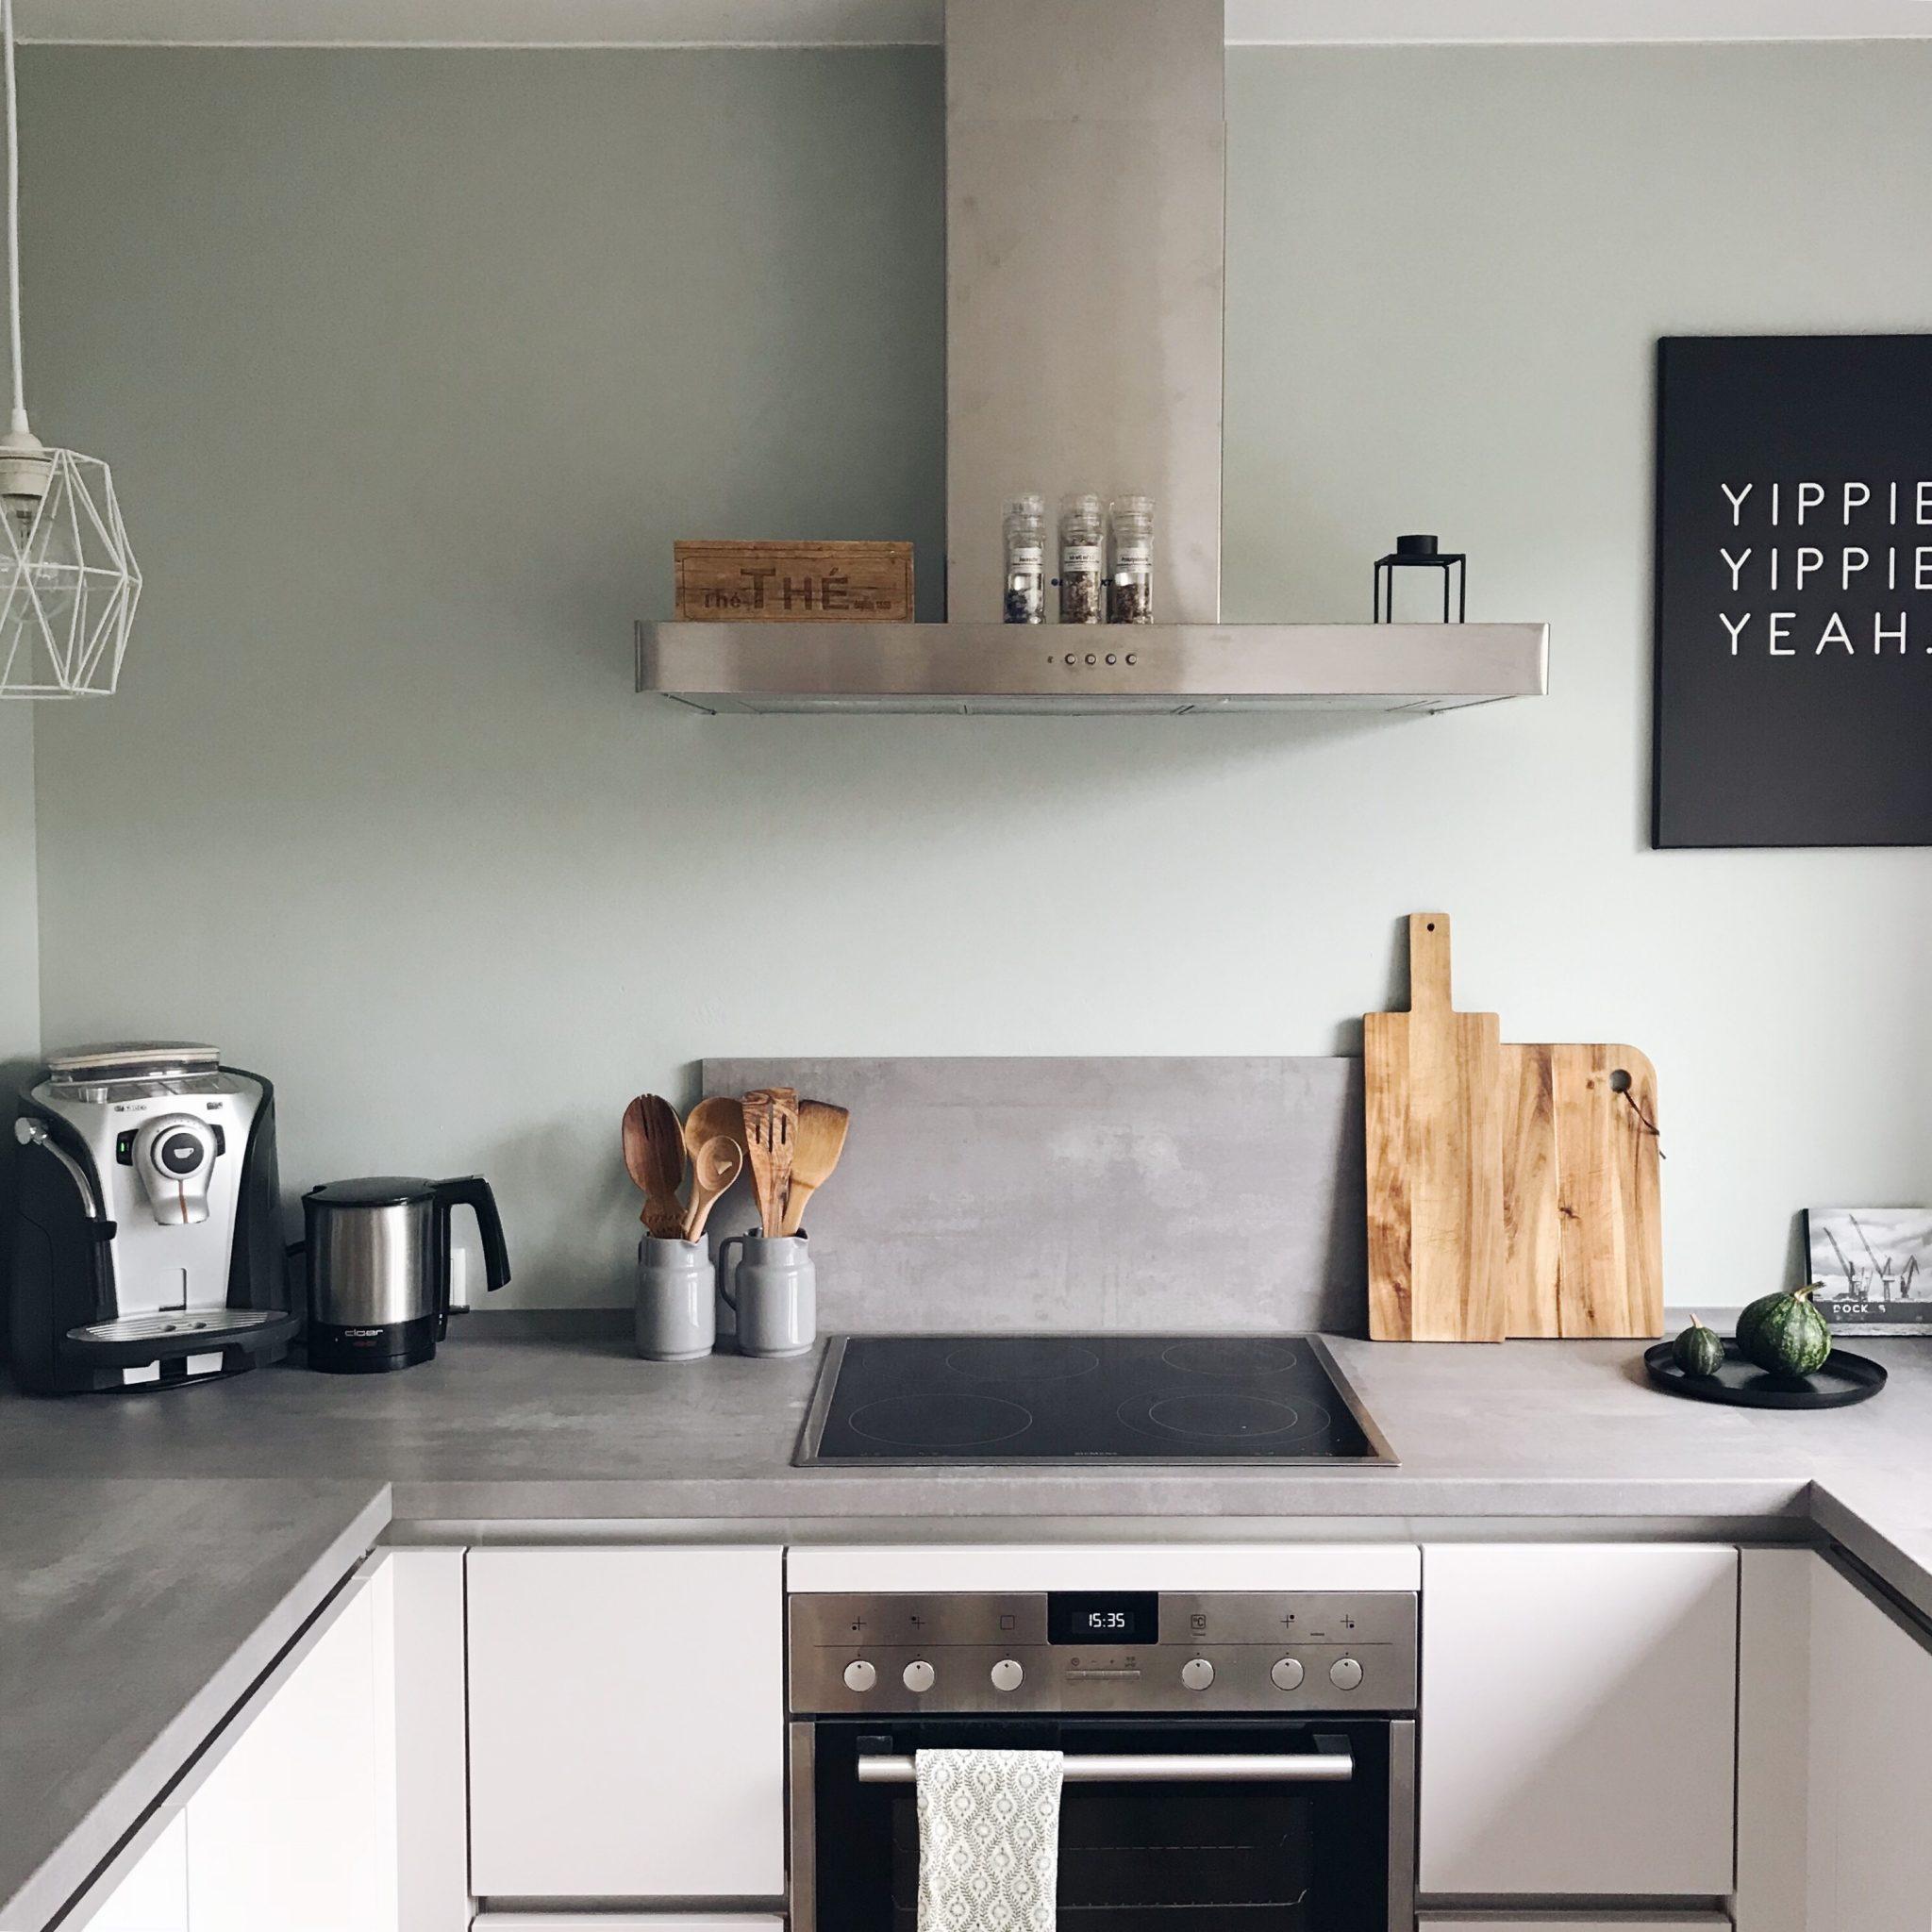 Full Size of Alternative Küchen Ein Erster Blick In Unsere Neue Kche Und Tipps Fr Planung Sofa Alternatives Regal Wohnzimmer Alternative Küchen